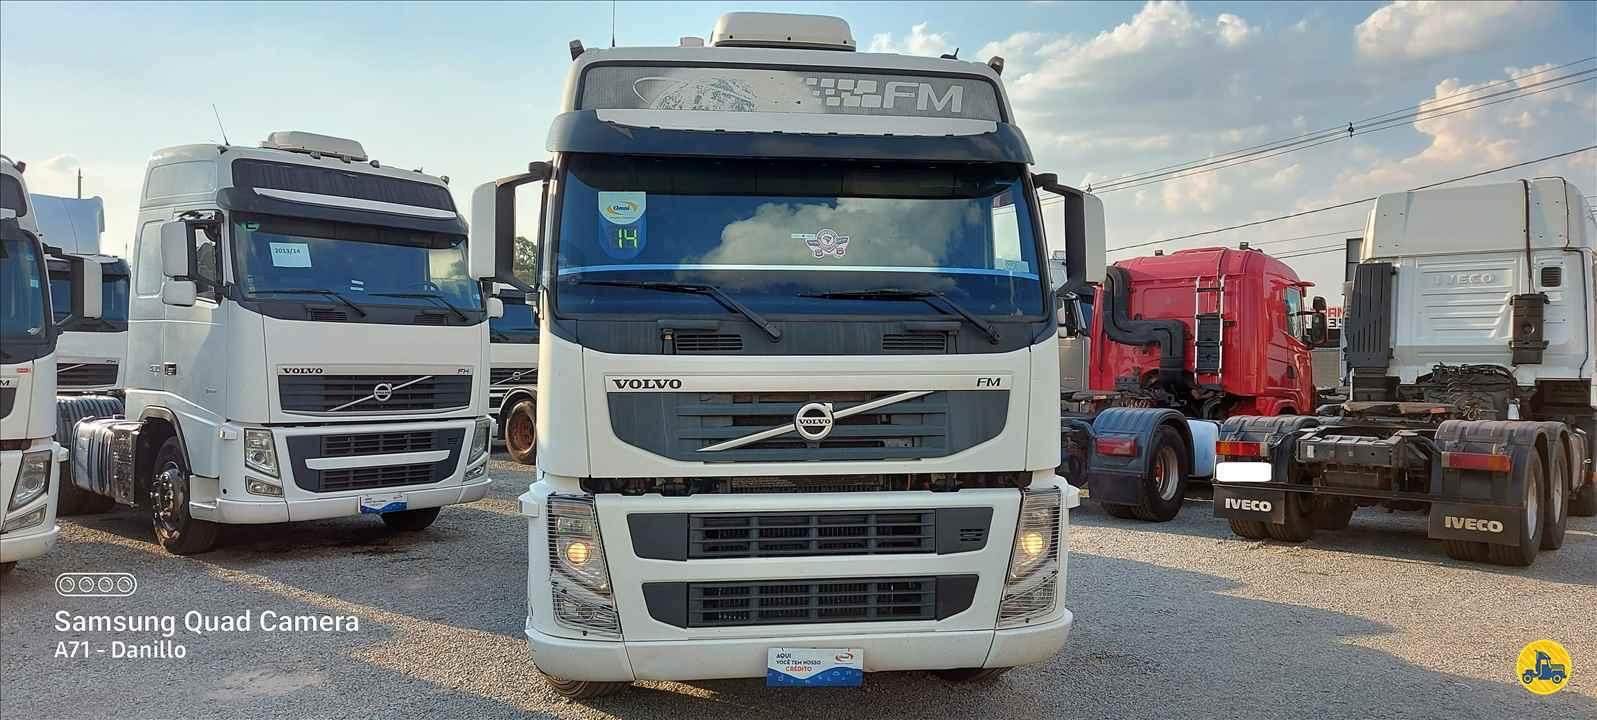 CAMINHAO VOLVO VOLVO FM 370 Cavalo Mecânico Truck 6x2 13 de Maio Caminhões BETIM MINAS GERAIS MG